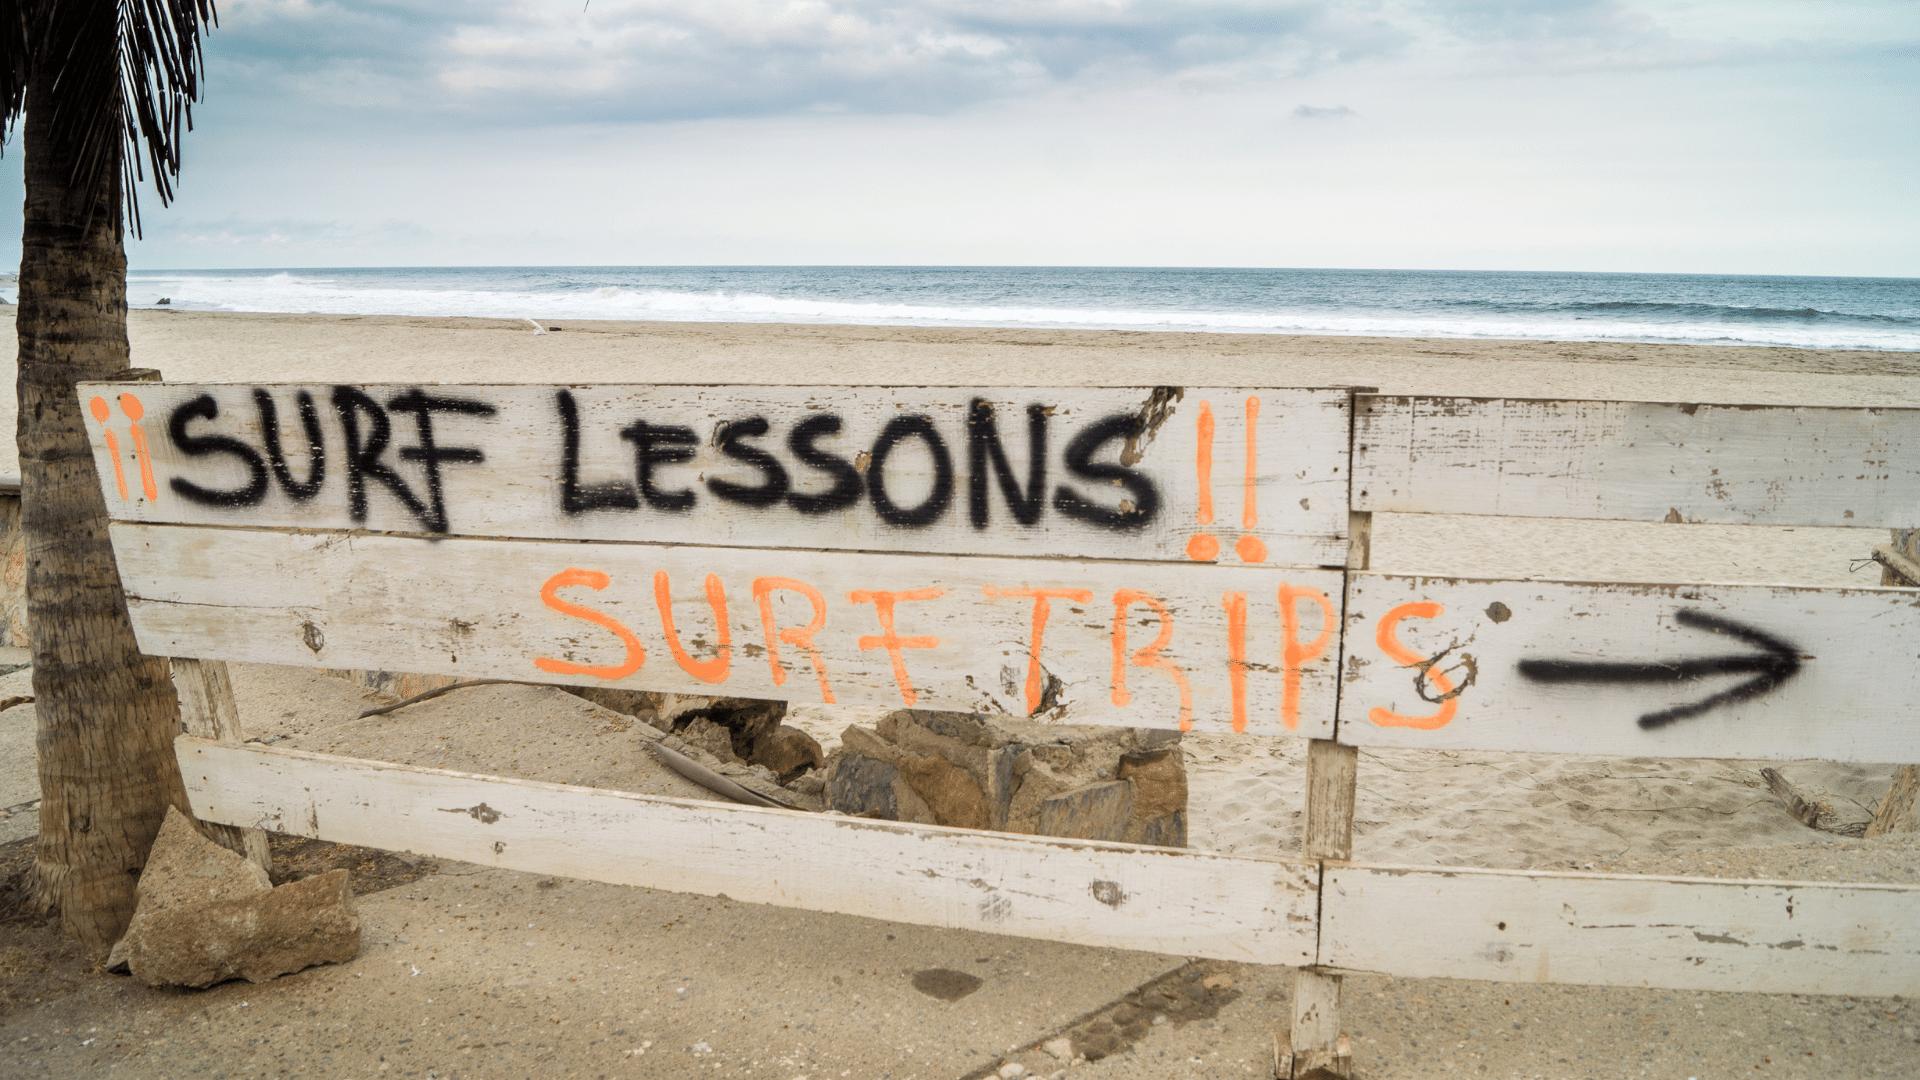 SurfBlog Vorbereitung auf das Surfen lernen zuhause